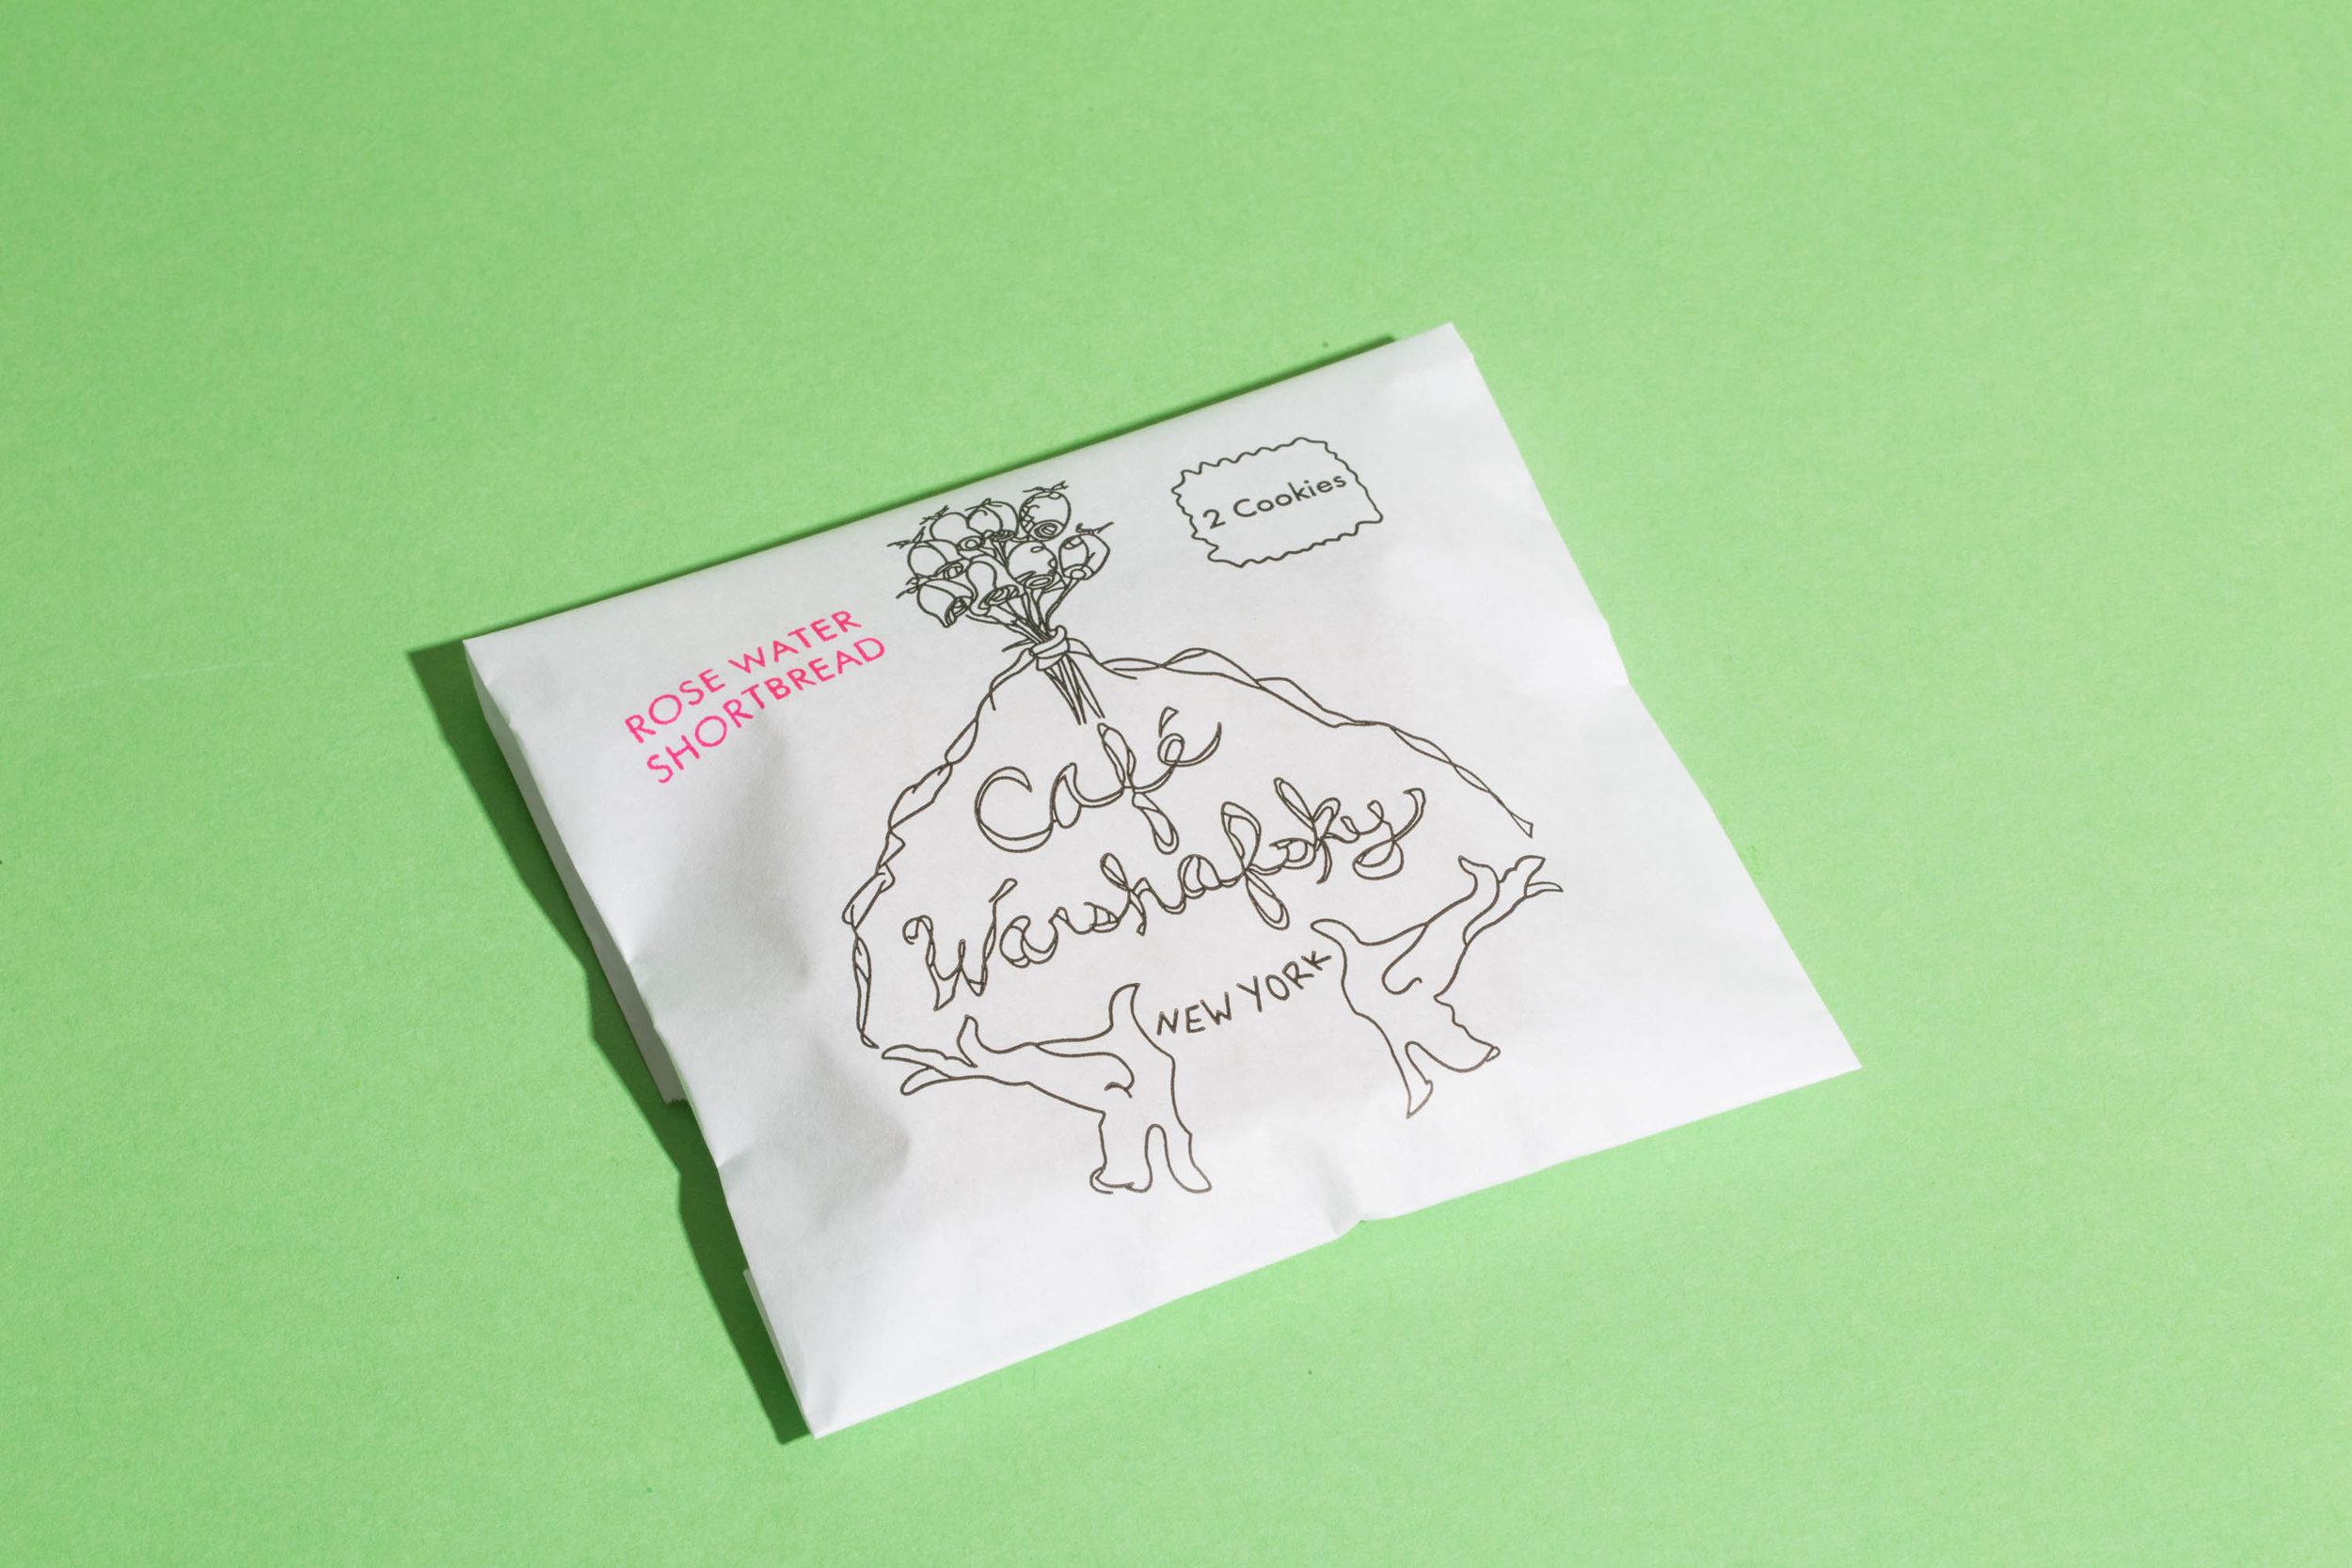 CafeWarshafsky-85.jpg